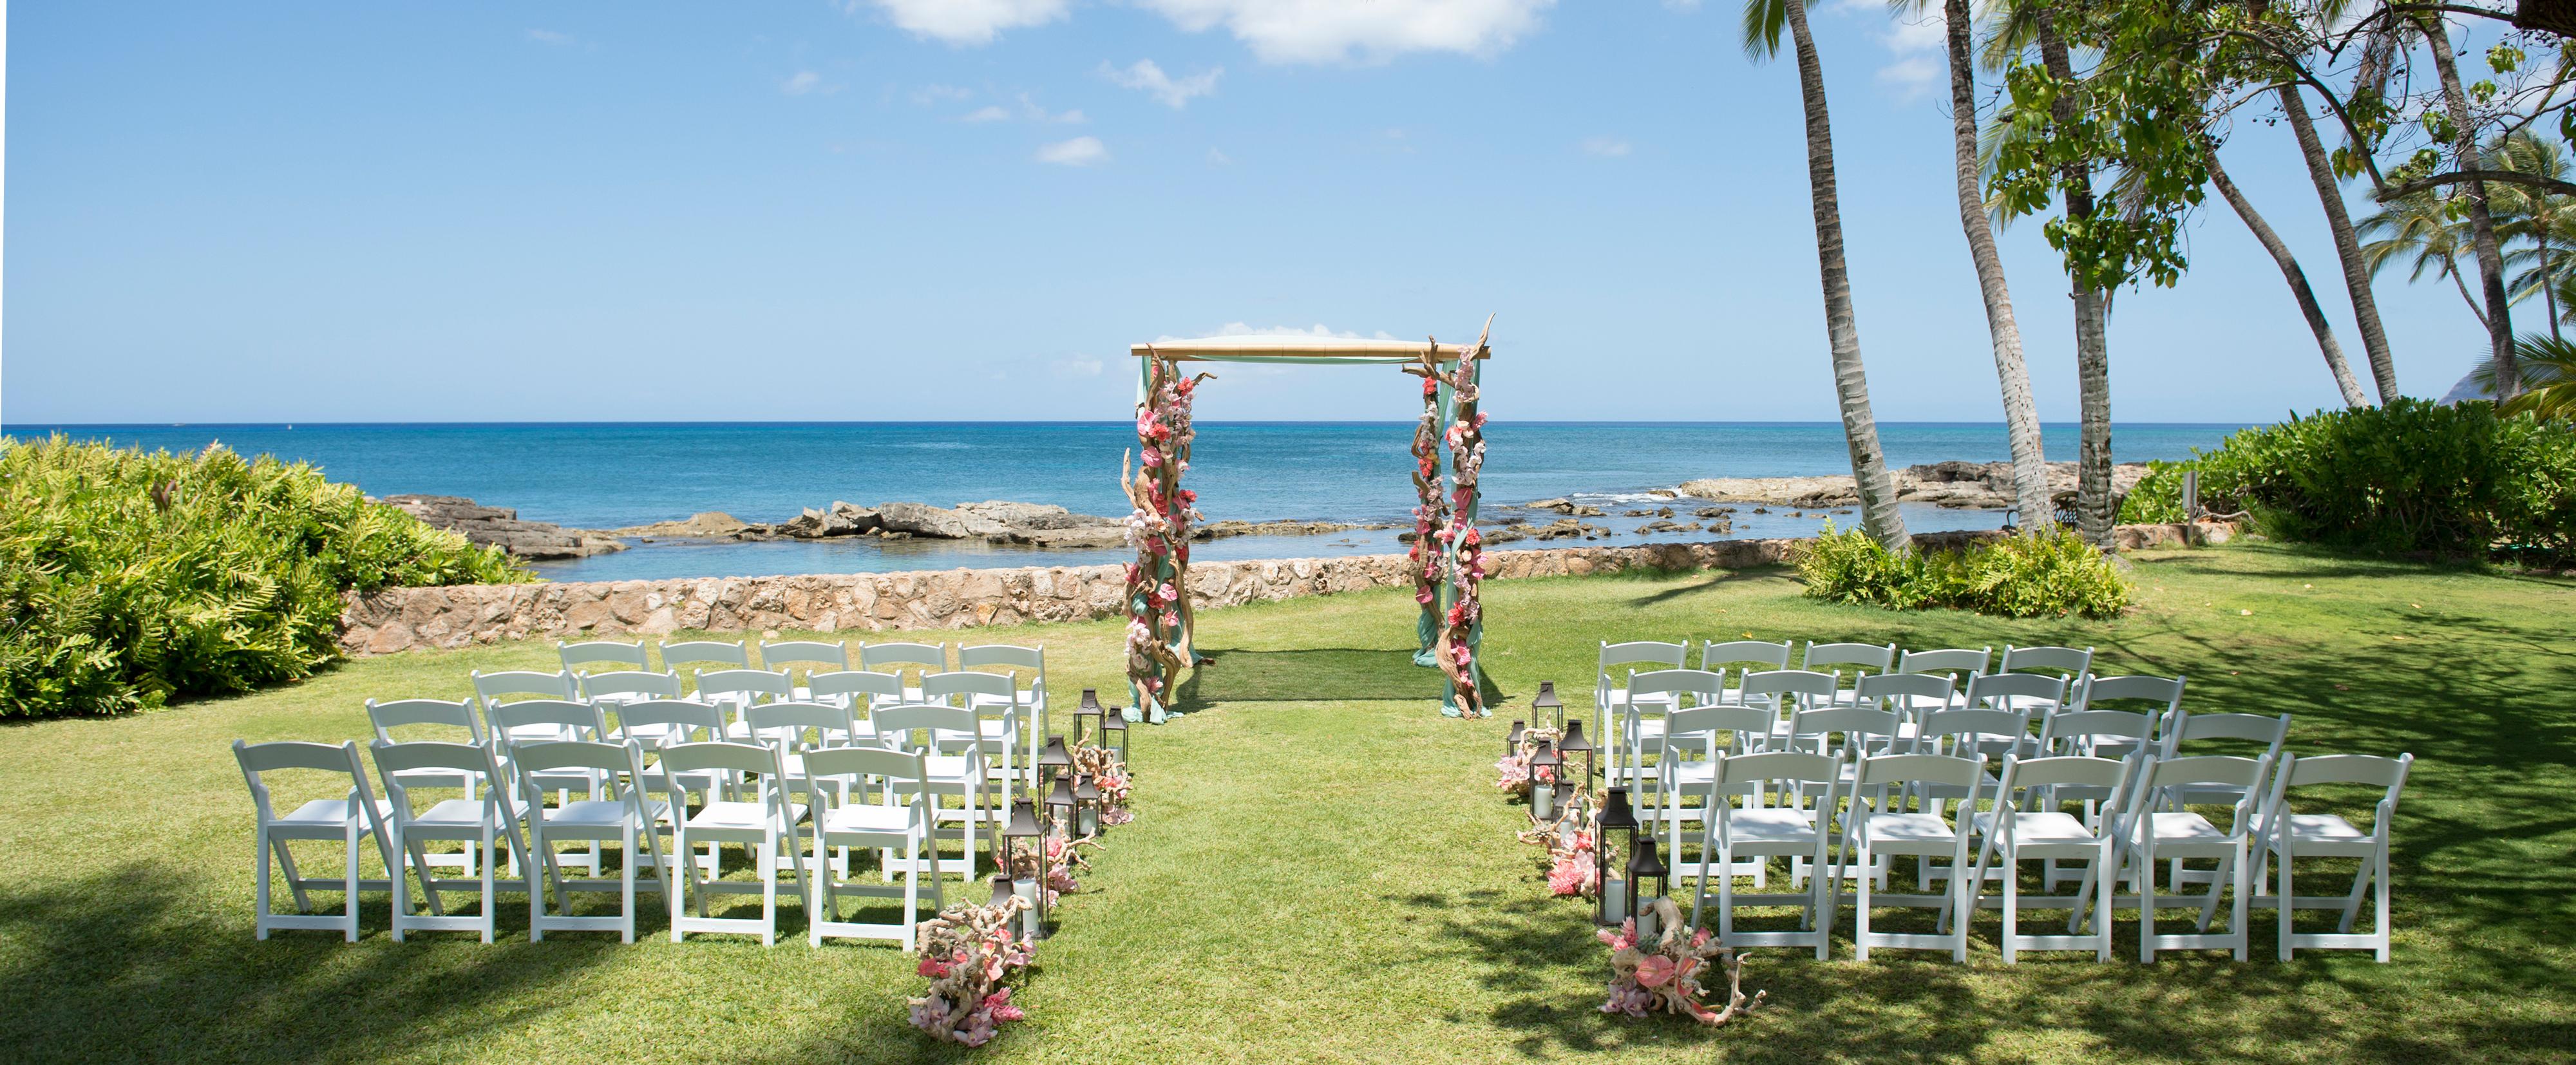 海を見下ろす祭壇につながる芝生の通路に並べられたホワイトチェア